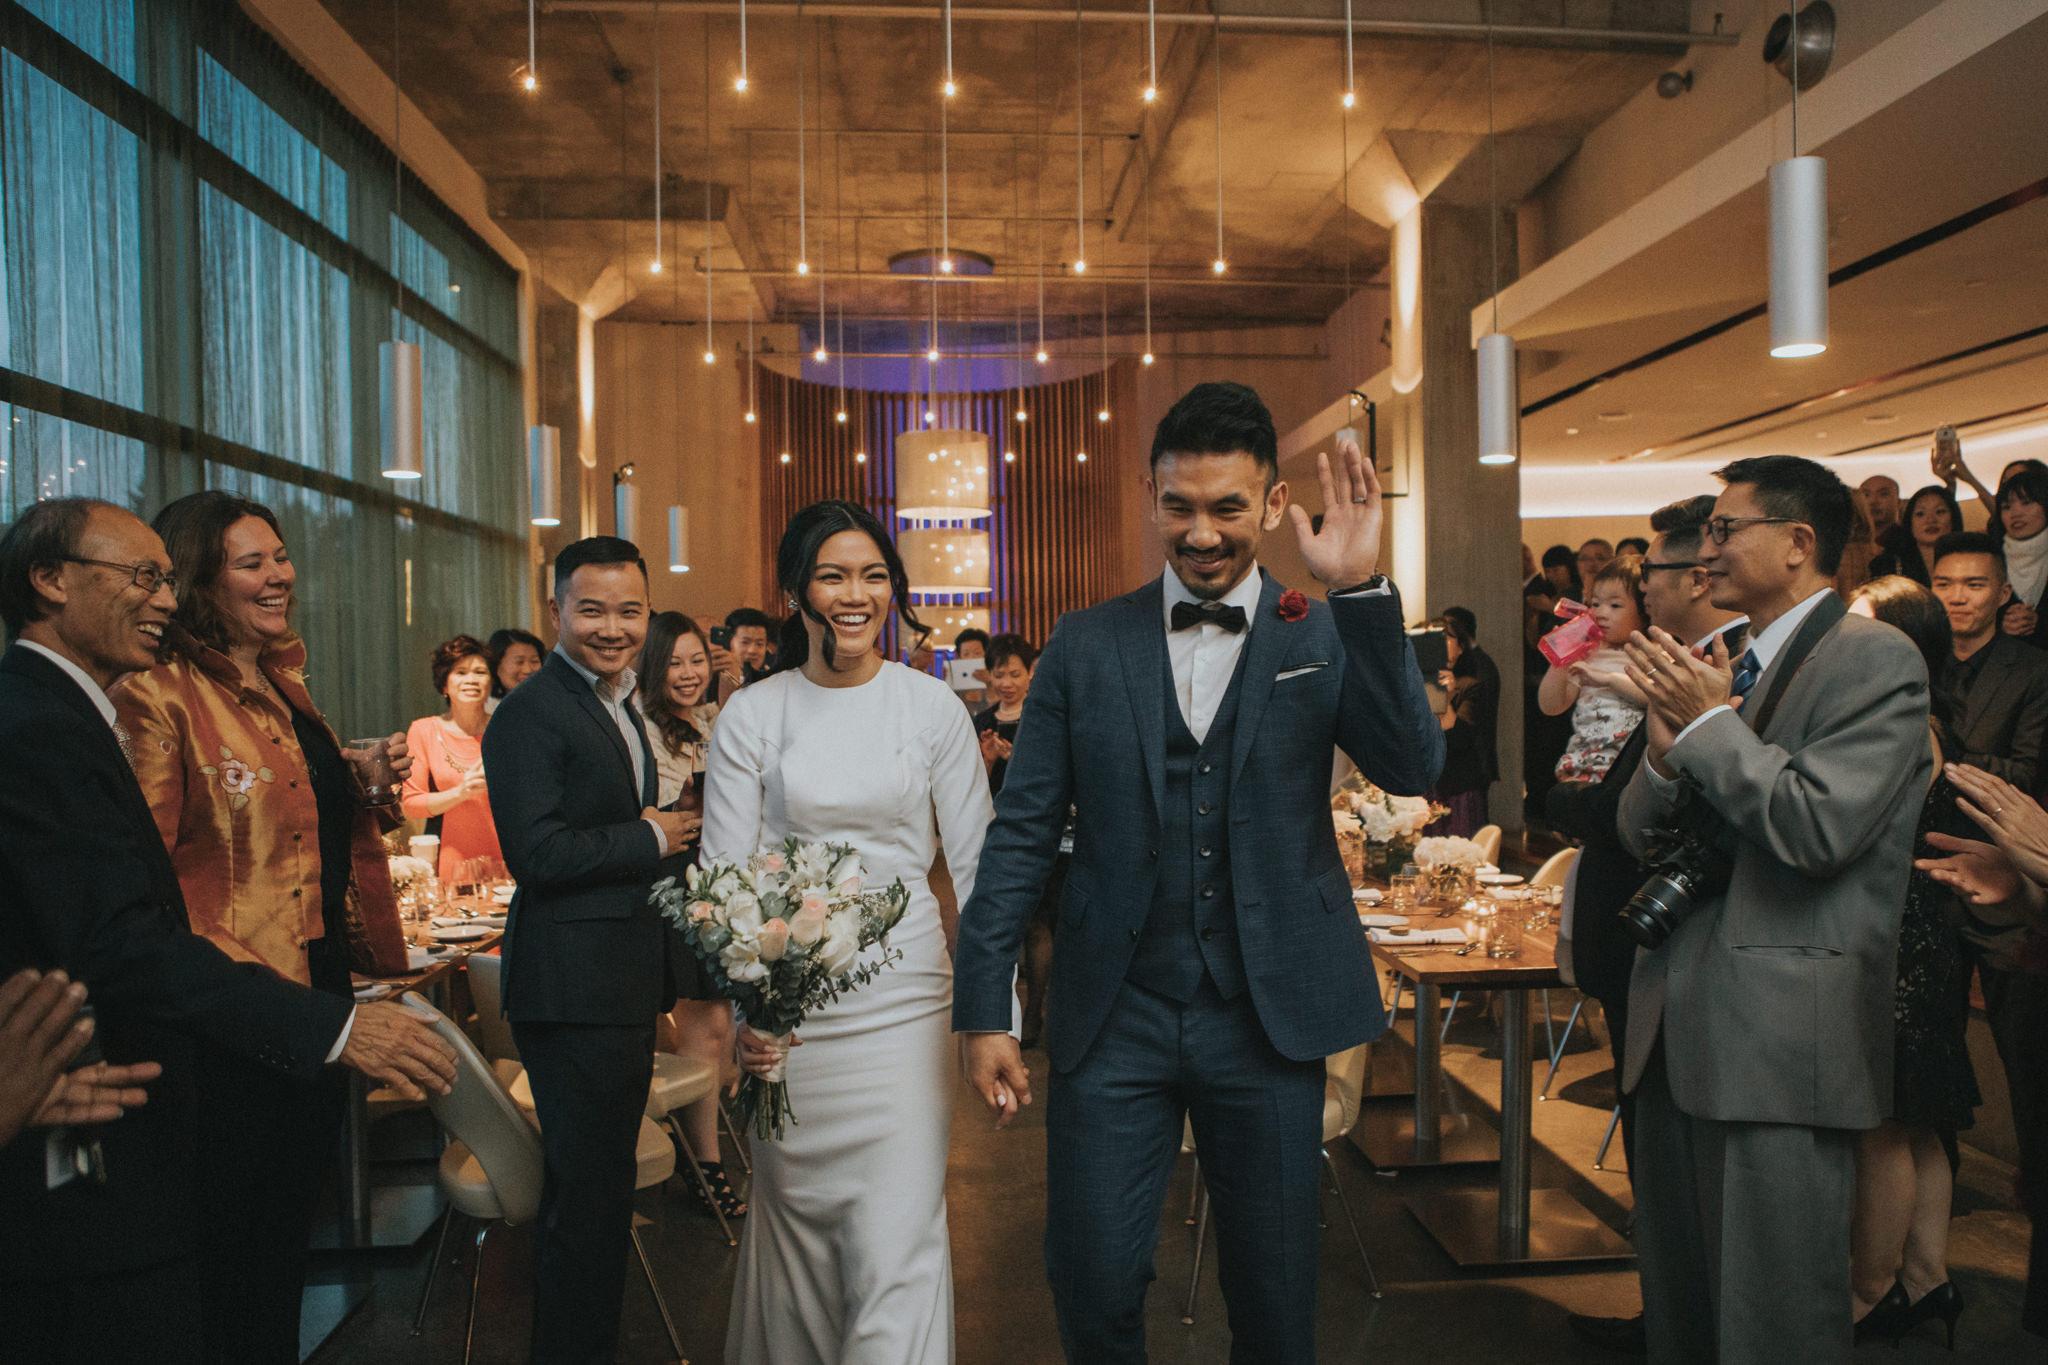 mildreds temple kitchen wedding 521 - Mildred's Temple Kitchen Wedding